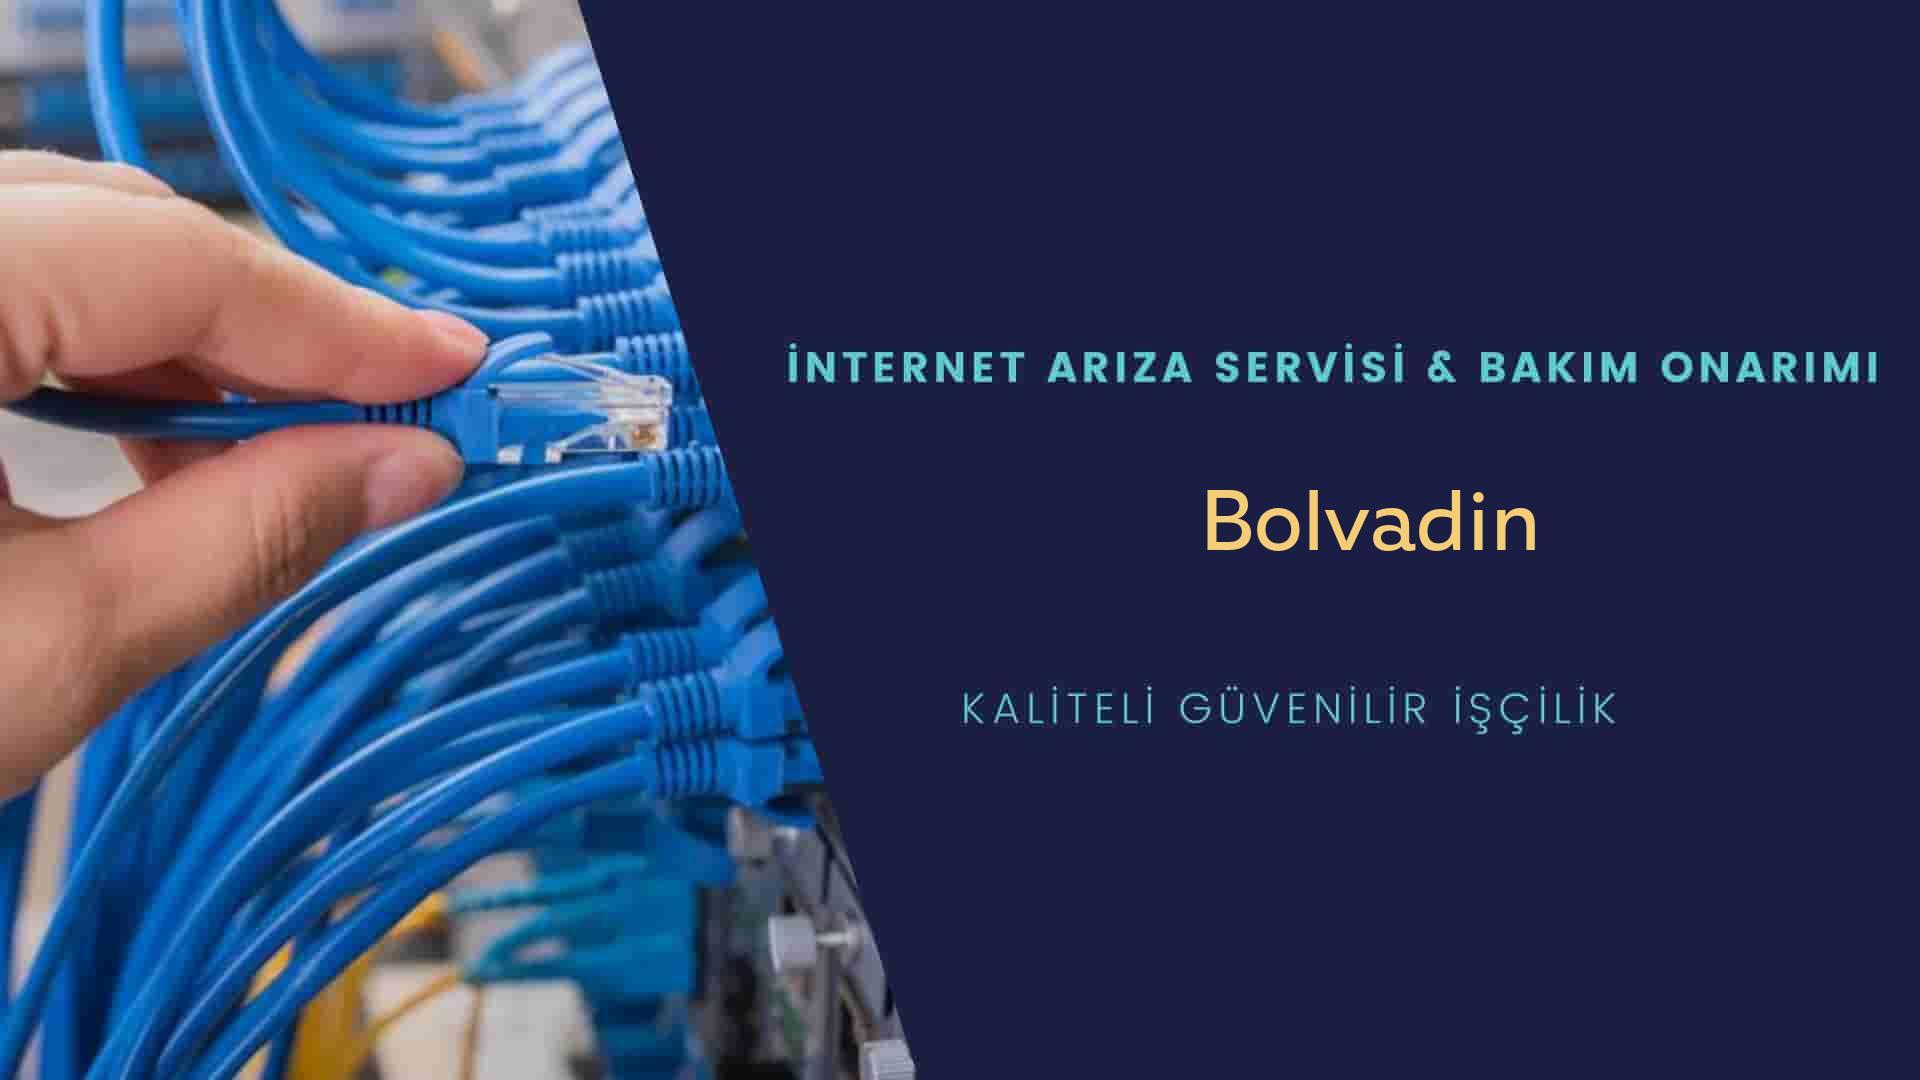 Bolvadin internet kablosu çekimi yapan yerler veya elektrikçiler mi? arıyorsunuz doğru yerdesiniz o zaman sizlere 7/24 yardımcı olacak profesyonel ustalarımız bir telefon kadar yakındır size.